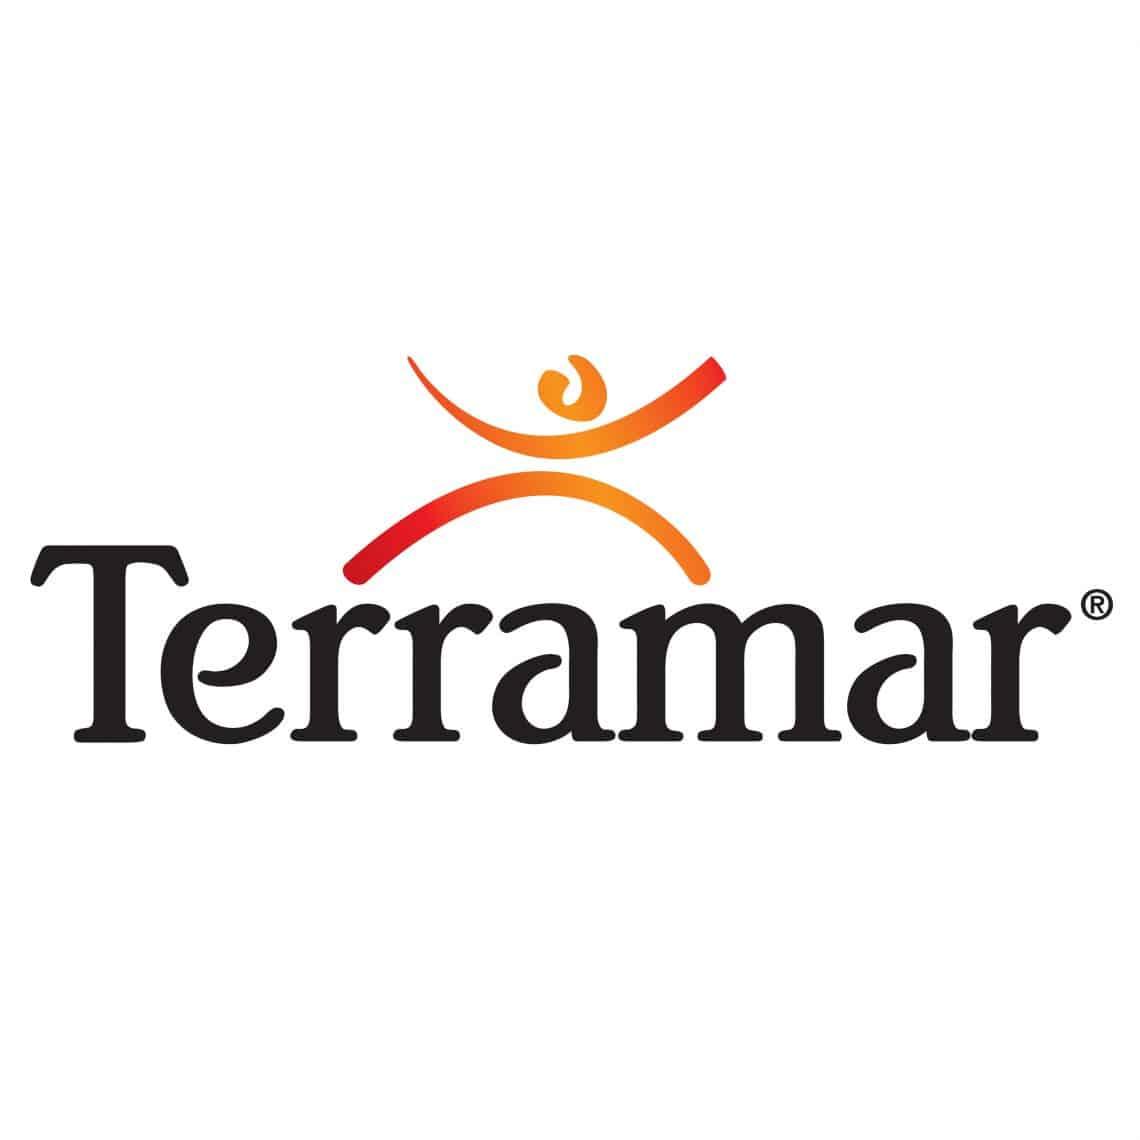 Terramar Sports Inc.